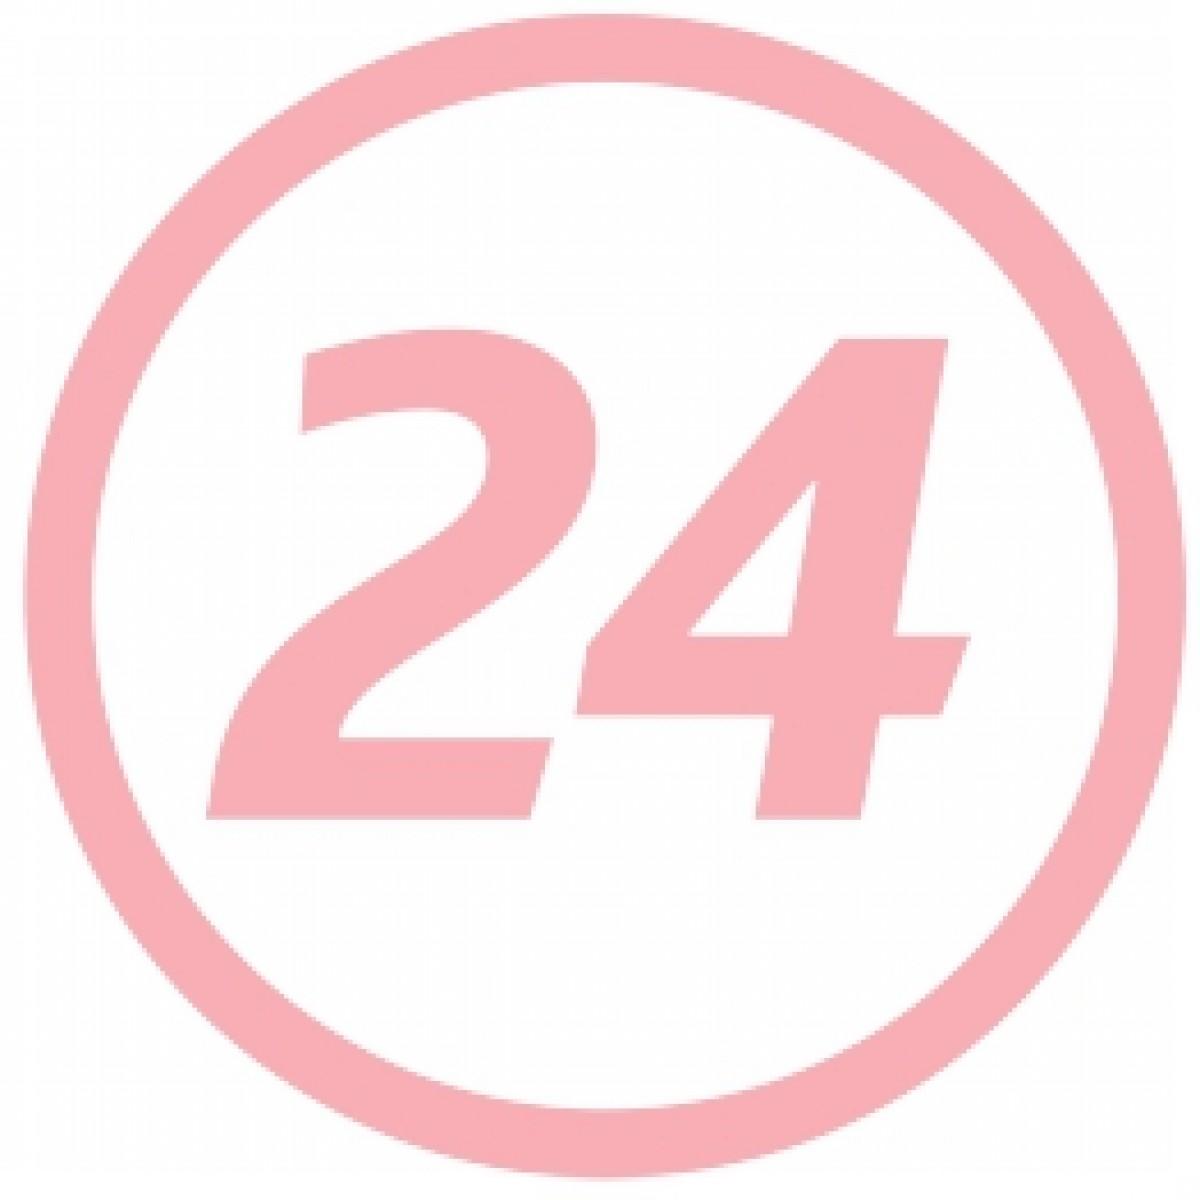 EXHELIOS Lipsan Crema Protectoare pentru Buze, Crema, 15g